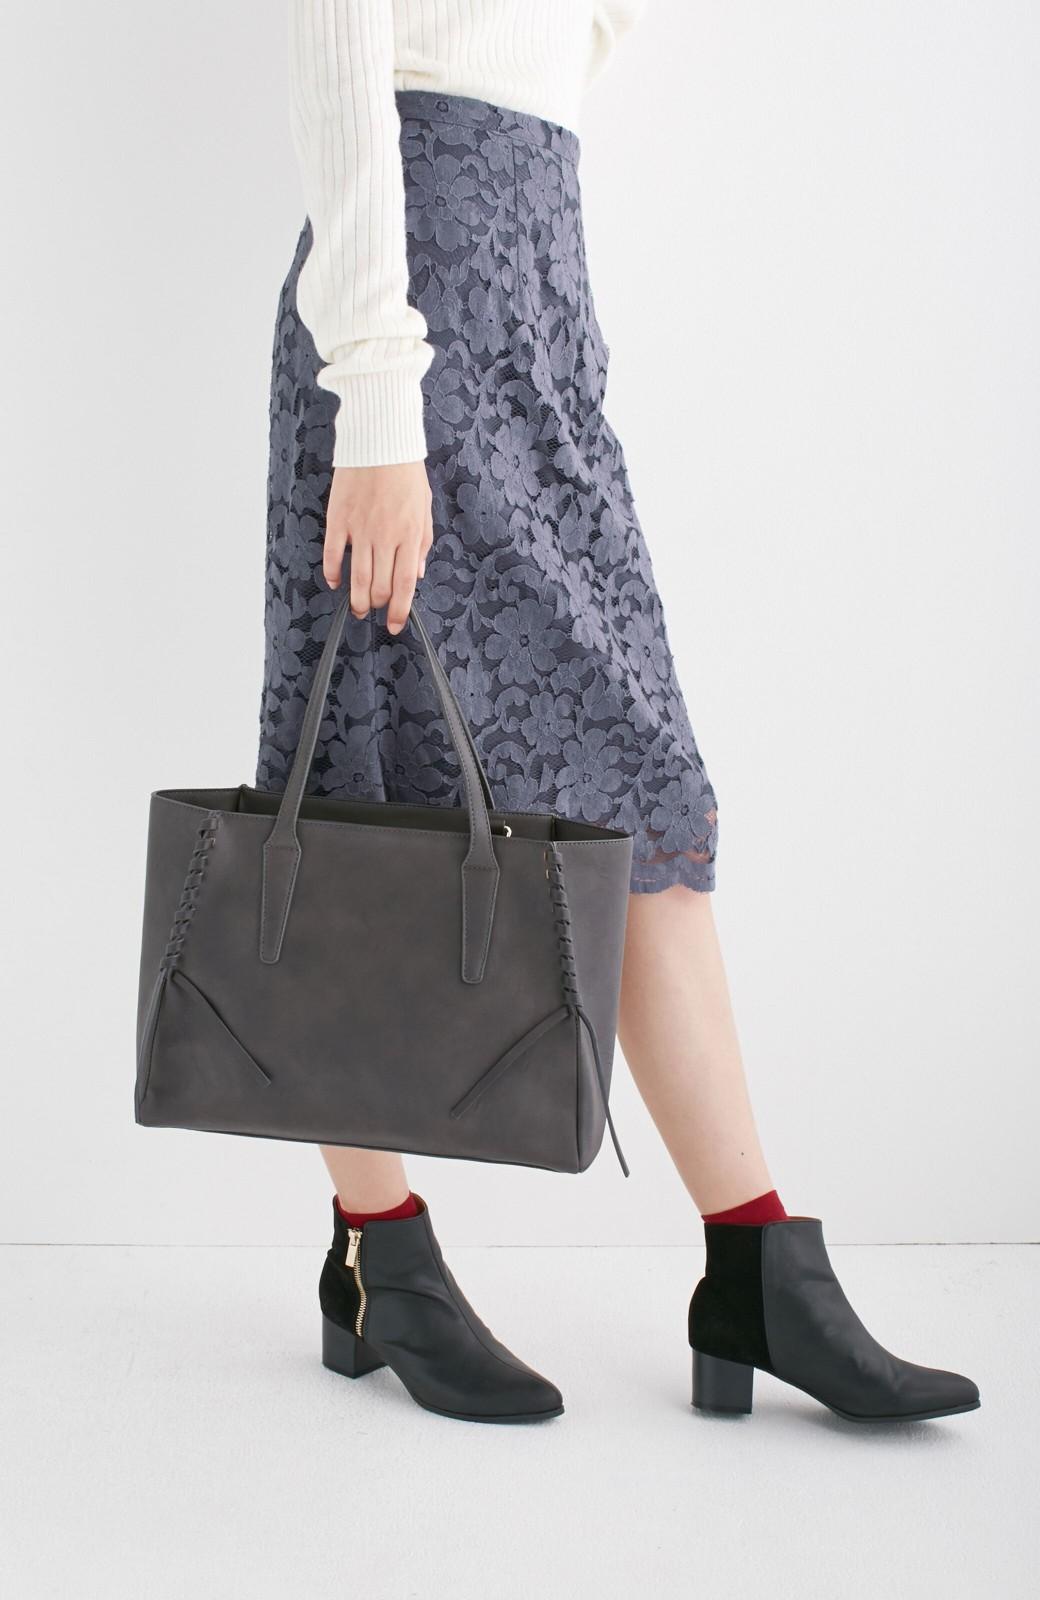 エムトロワ 編み込みデザインがかわいいフェミニントートバッグ <チャコールグレー>の商品写真10